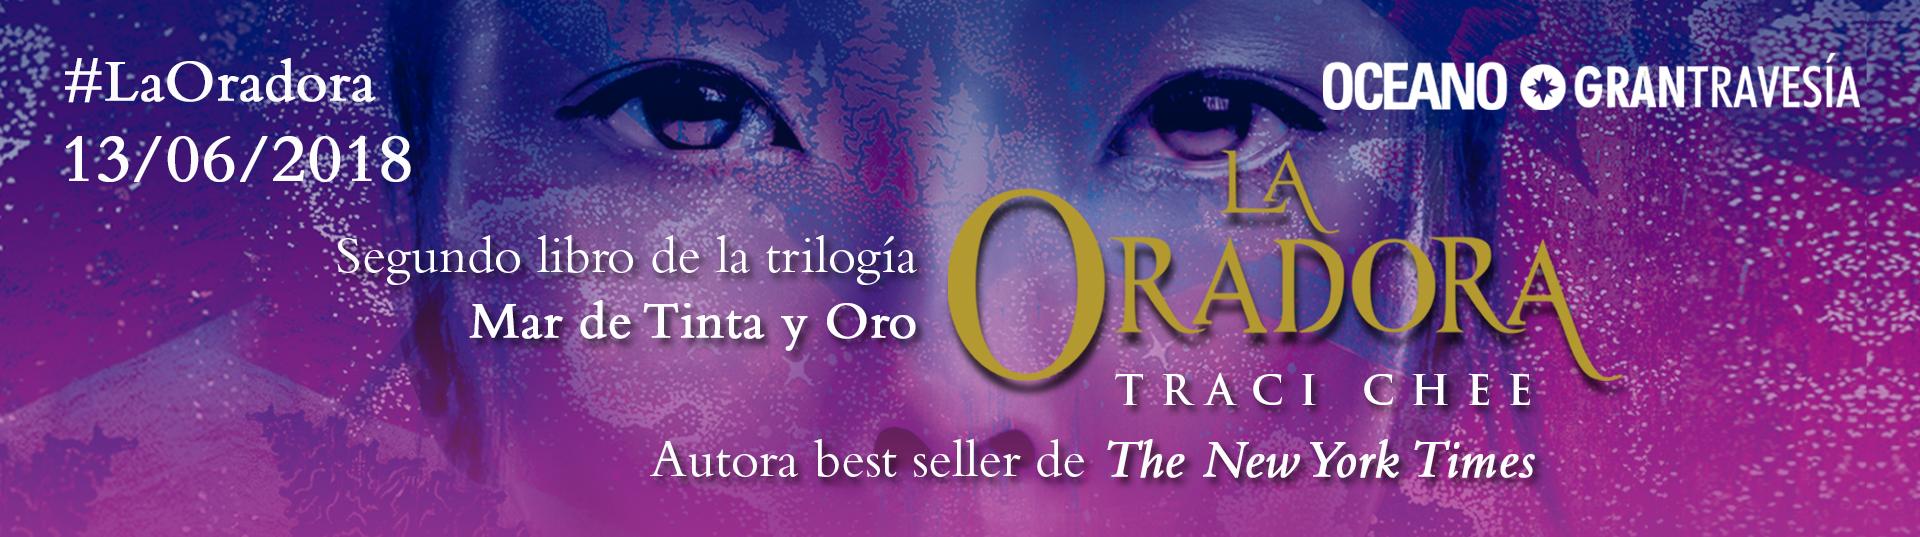 blog_oradora